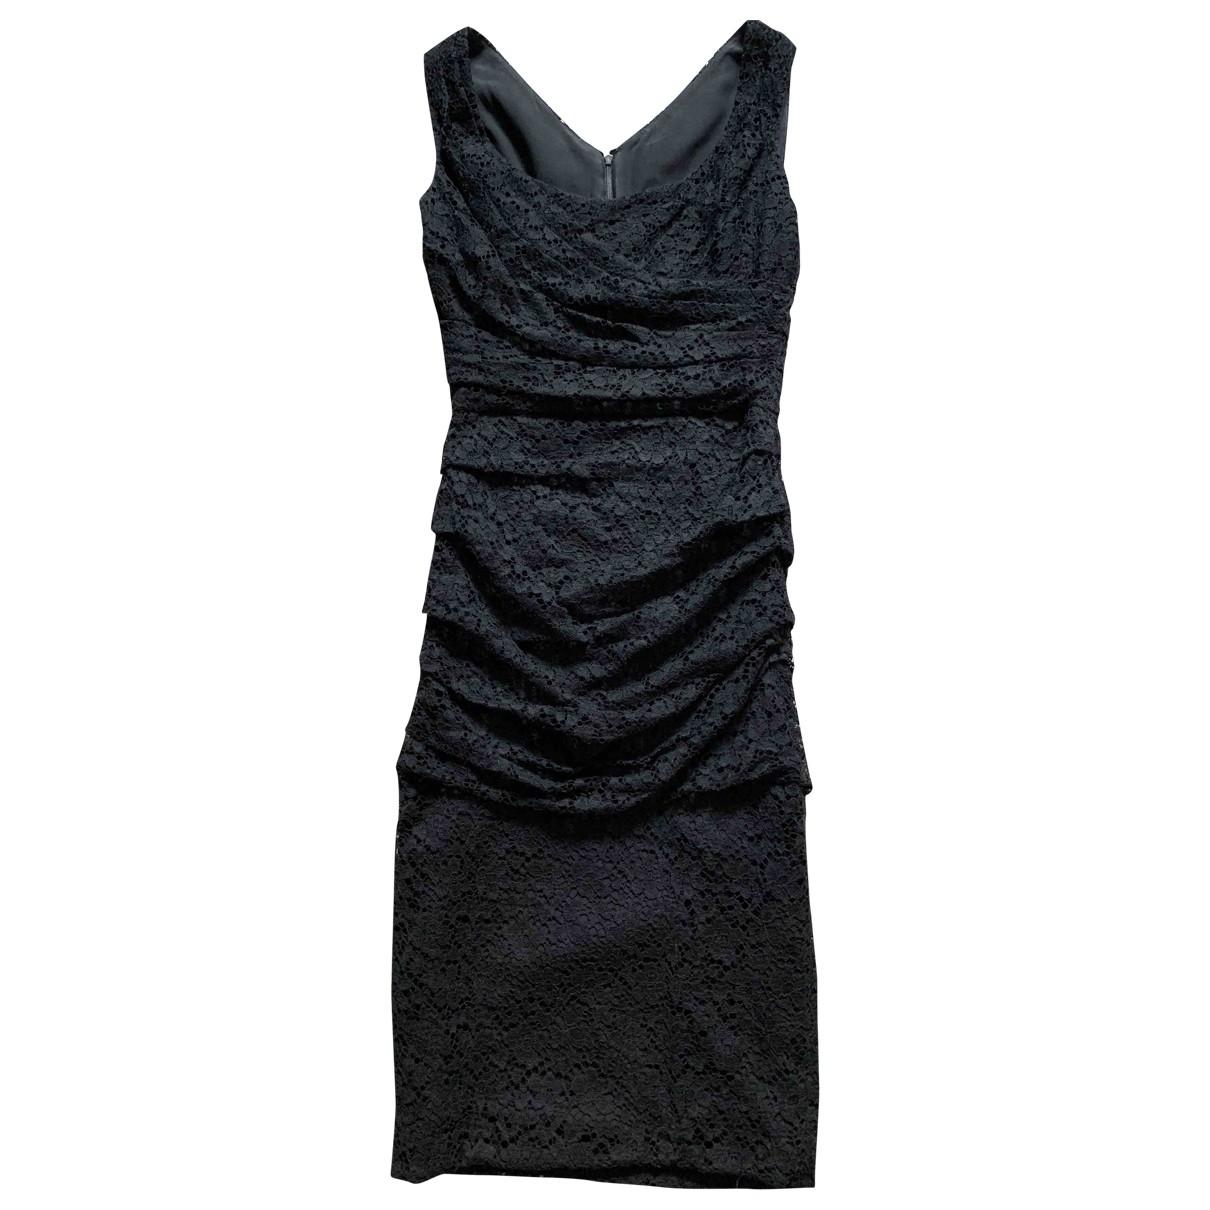 Dolce & Gabbana \N Black Lace dress for Women 36 IT